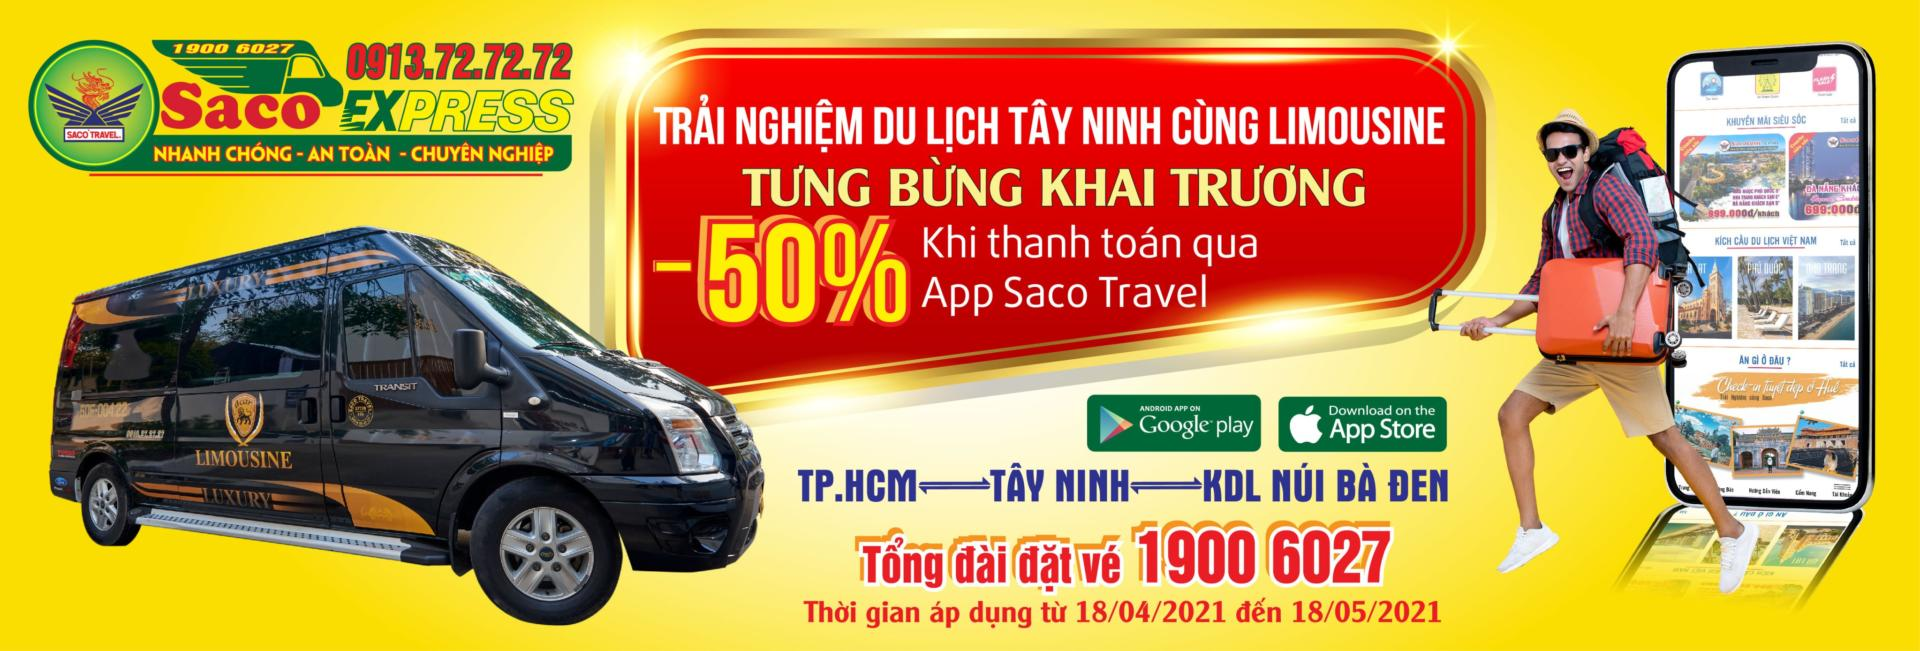 saco khai trương tuyến Limousine Sài Gòn Tây Ninh